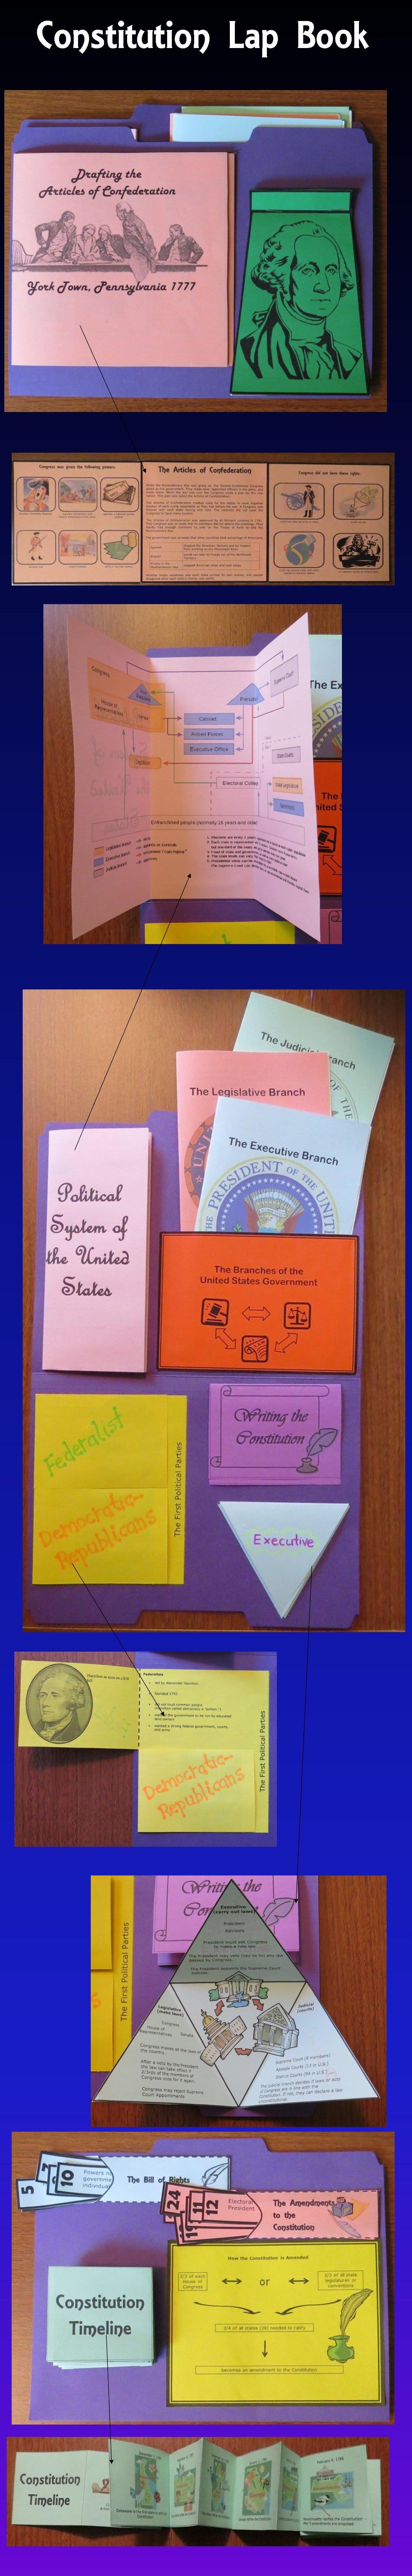 The Constitution Lap Book